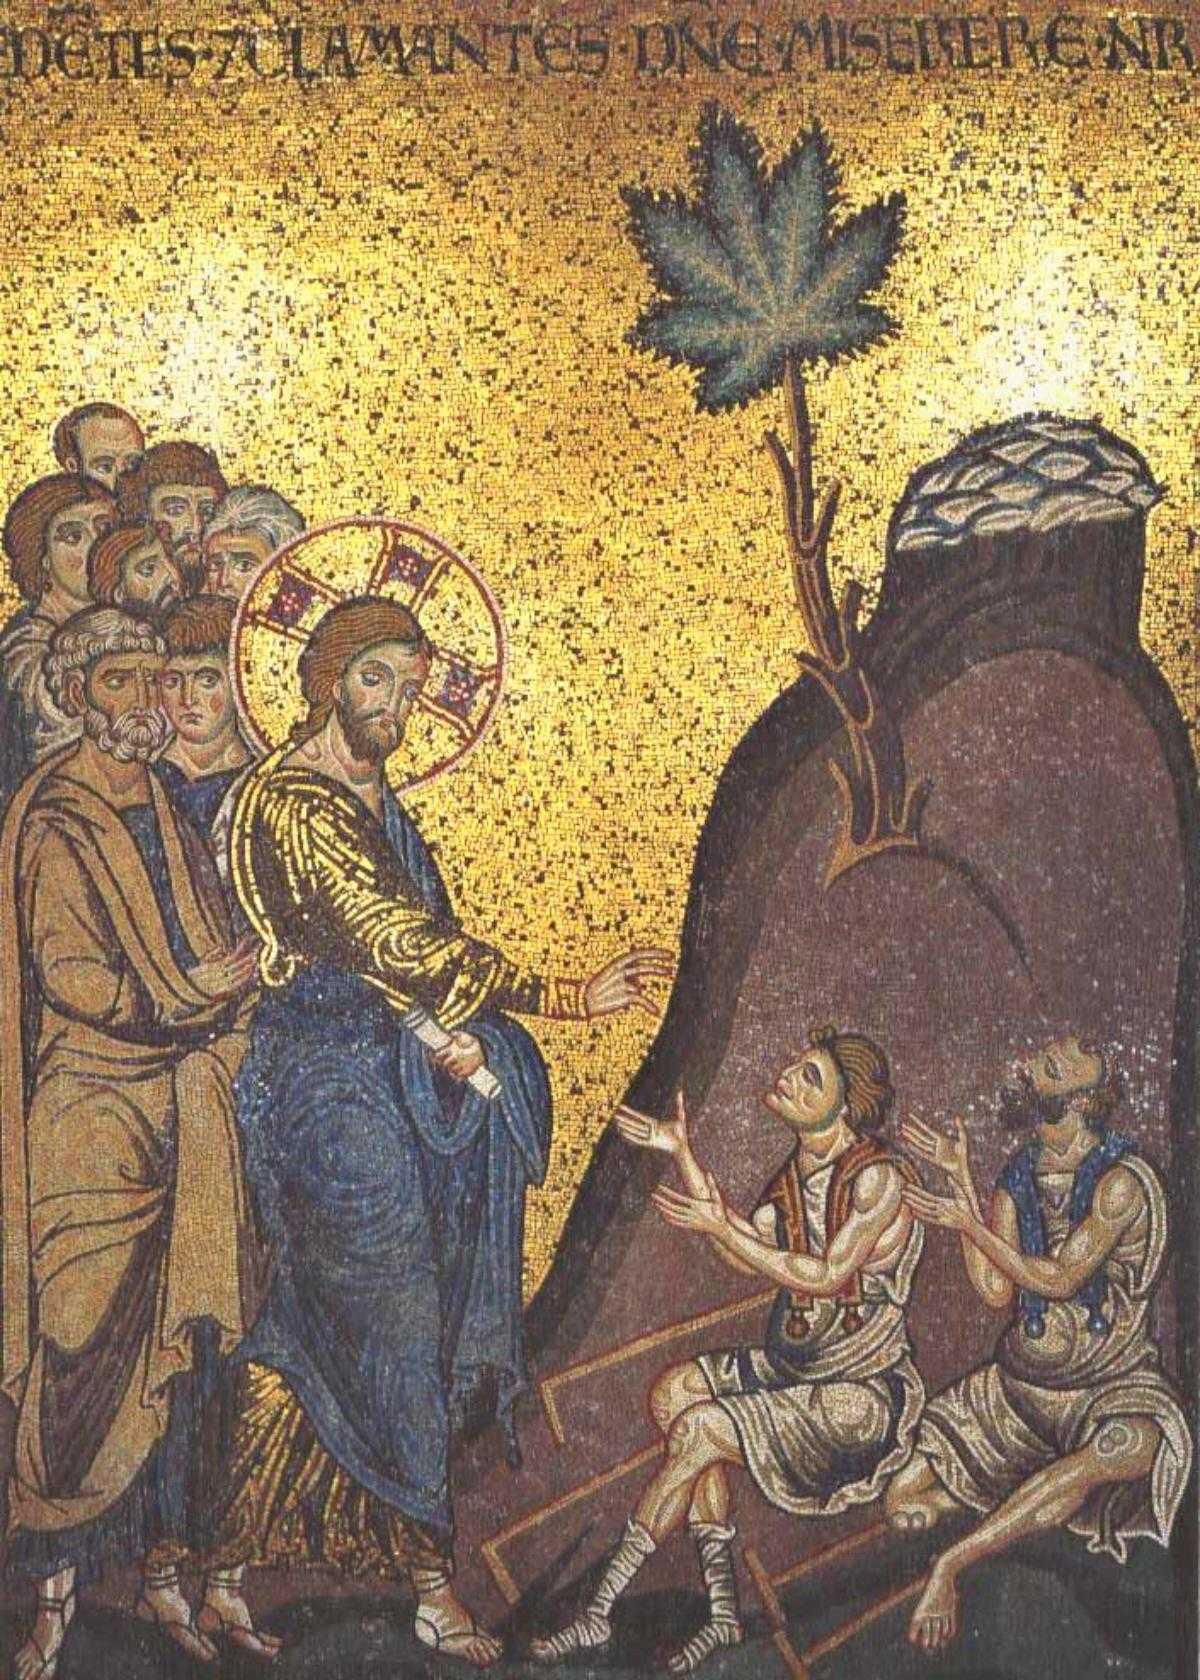 <i>&#8220;Grija mare la ce ne uitam si la ce auzim!&#8230; Noi trebuie sa mergem impotriva curentului&#8221;</i>. Predica audio a Protos. Ioan Buliga la Duminica a VII-a dupa Rusalii despre SLAVA DESARTA, IDOLII LAUDEI OMENESTI, &#8220;MINUNILE&#8221; MINCINOASE ALE TEHNOLOGIEI si &#8220;PROPOVADUIREA&#8221; INSELARII LUI ANTIHRIST LA TELEVIZOR